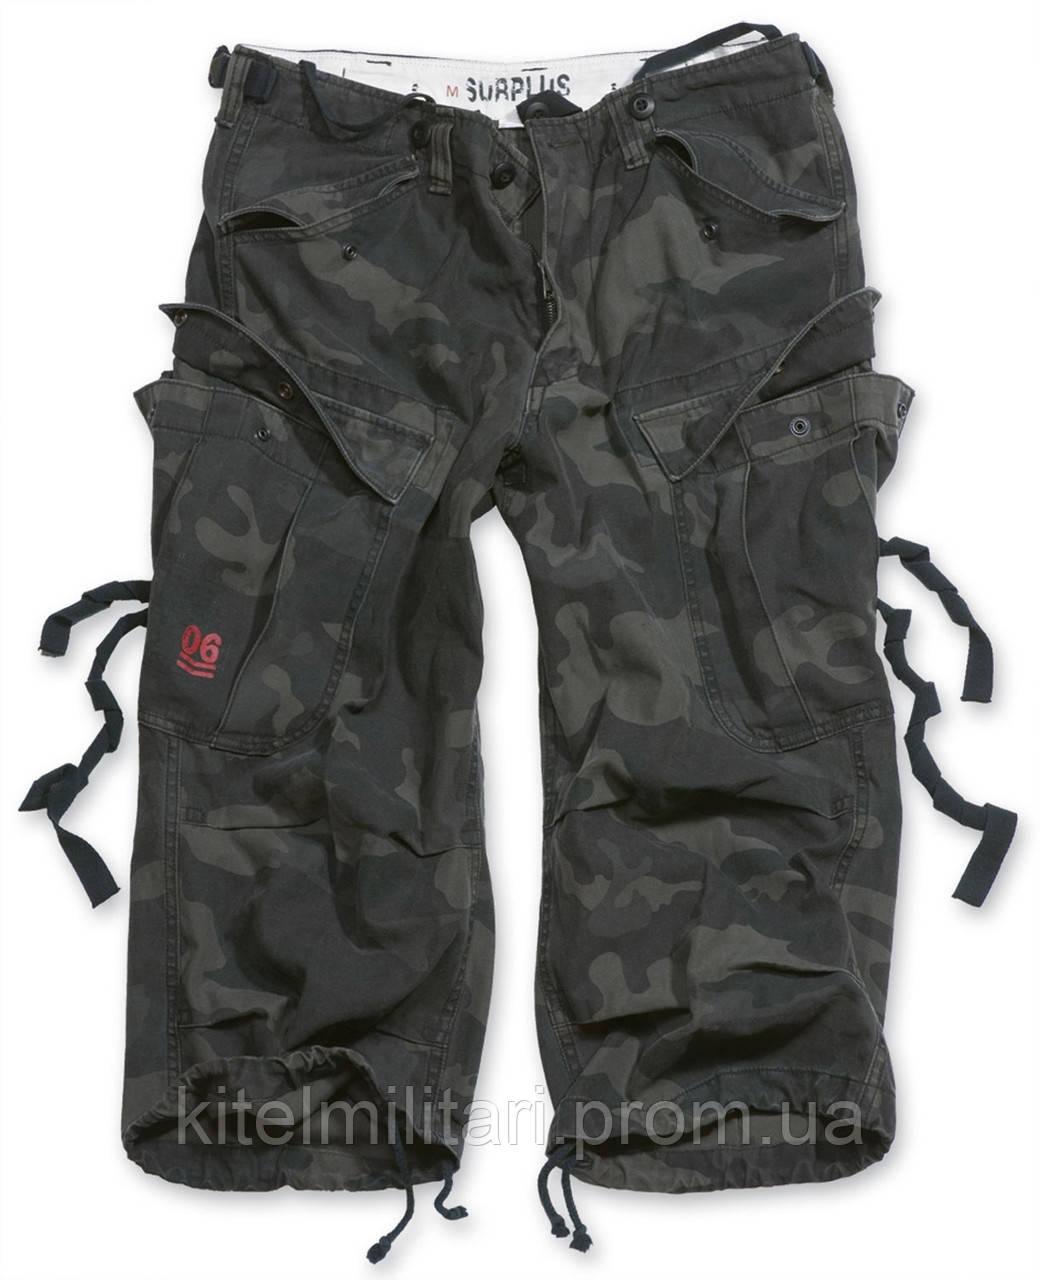 детская одежда дешево в новокузнецке в 2012